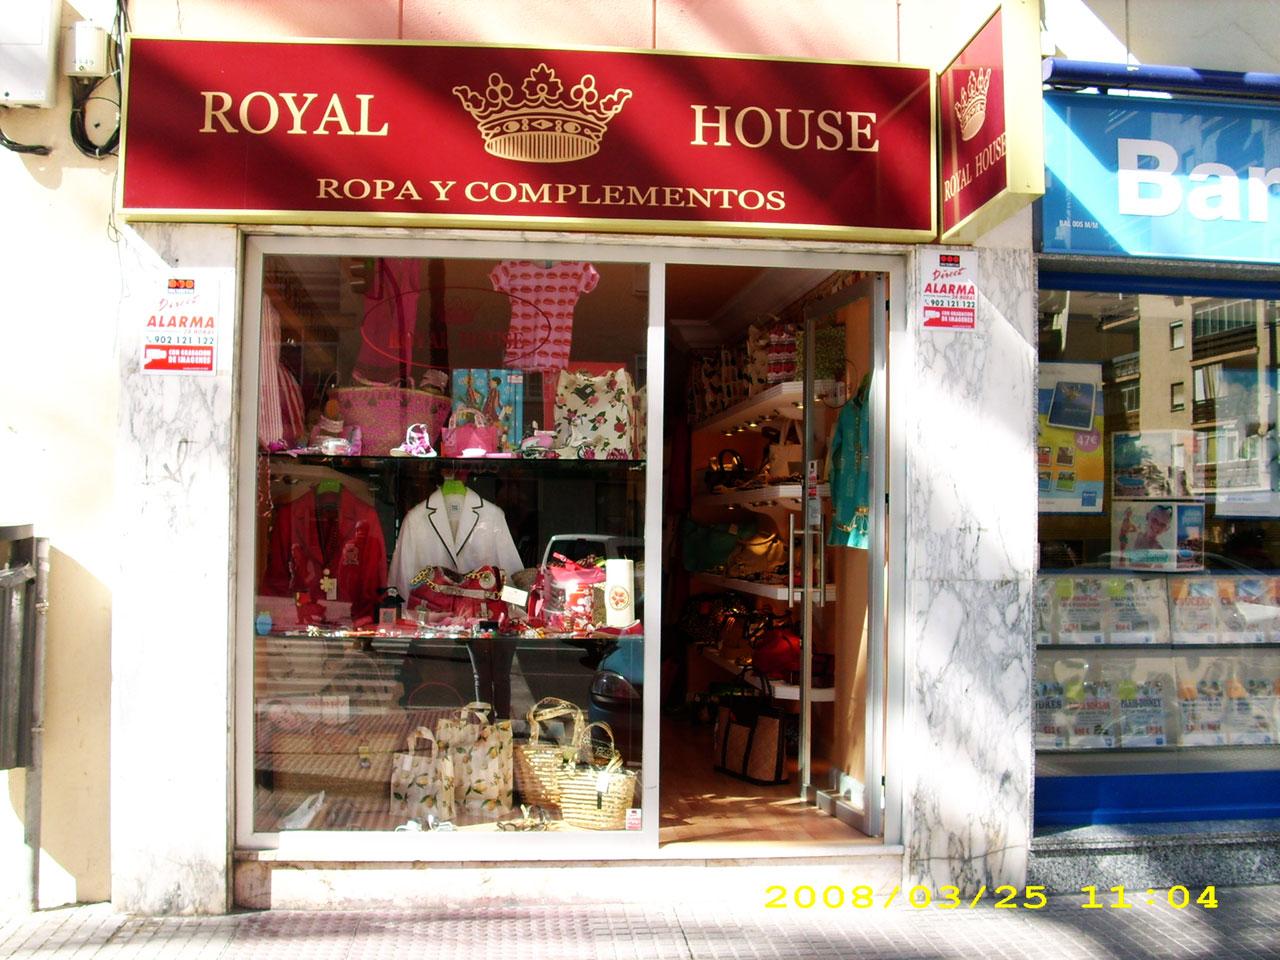 k2ingenieros Ingeniería (Comercio) - Royal House